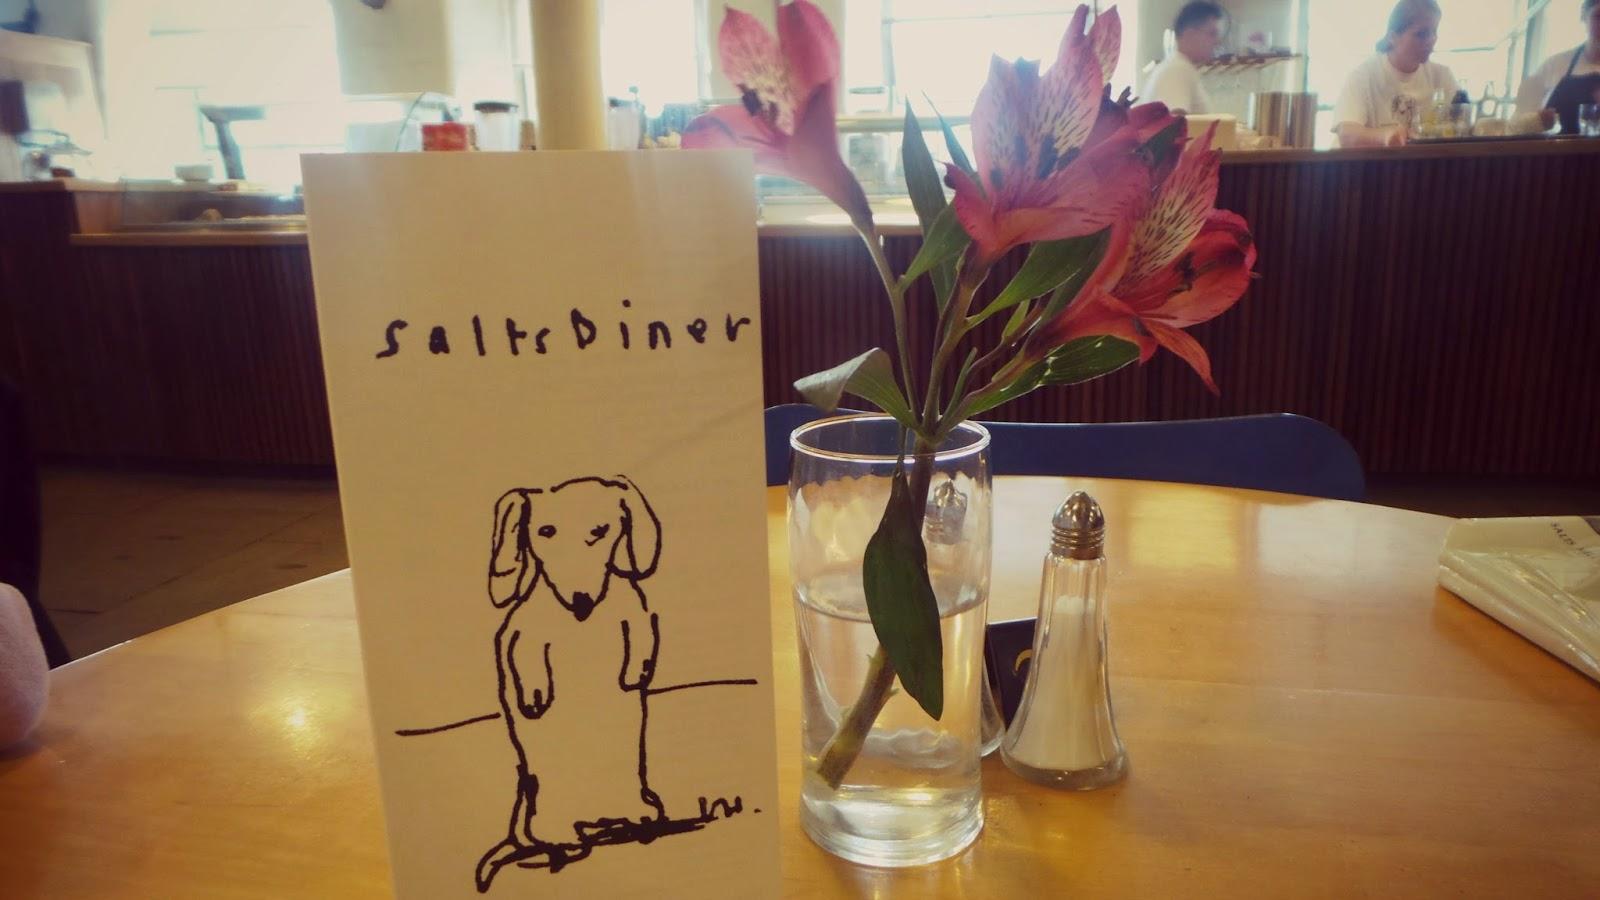 salts mill cafe david hockney